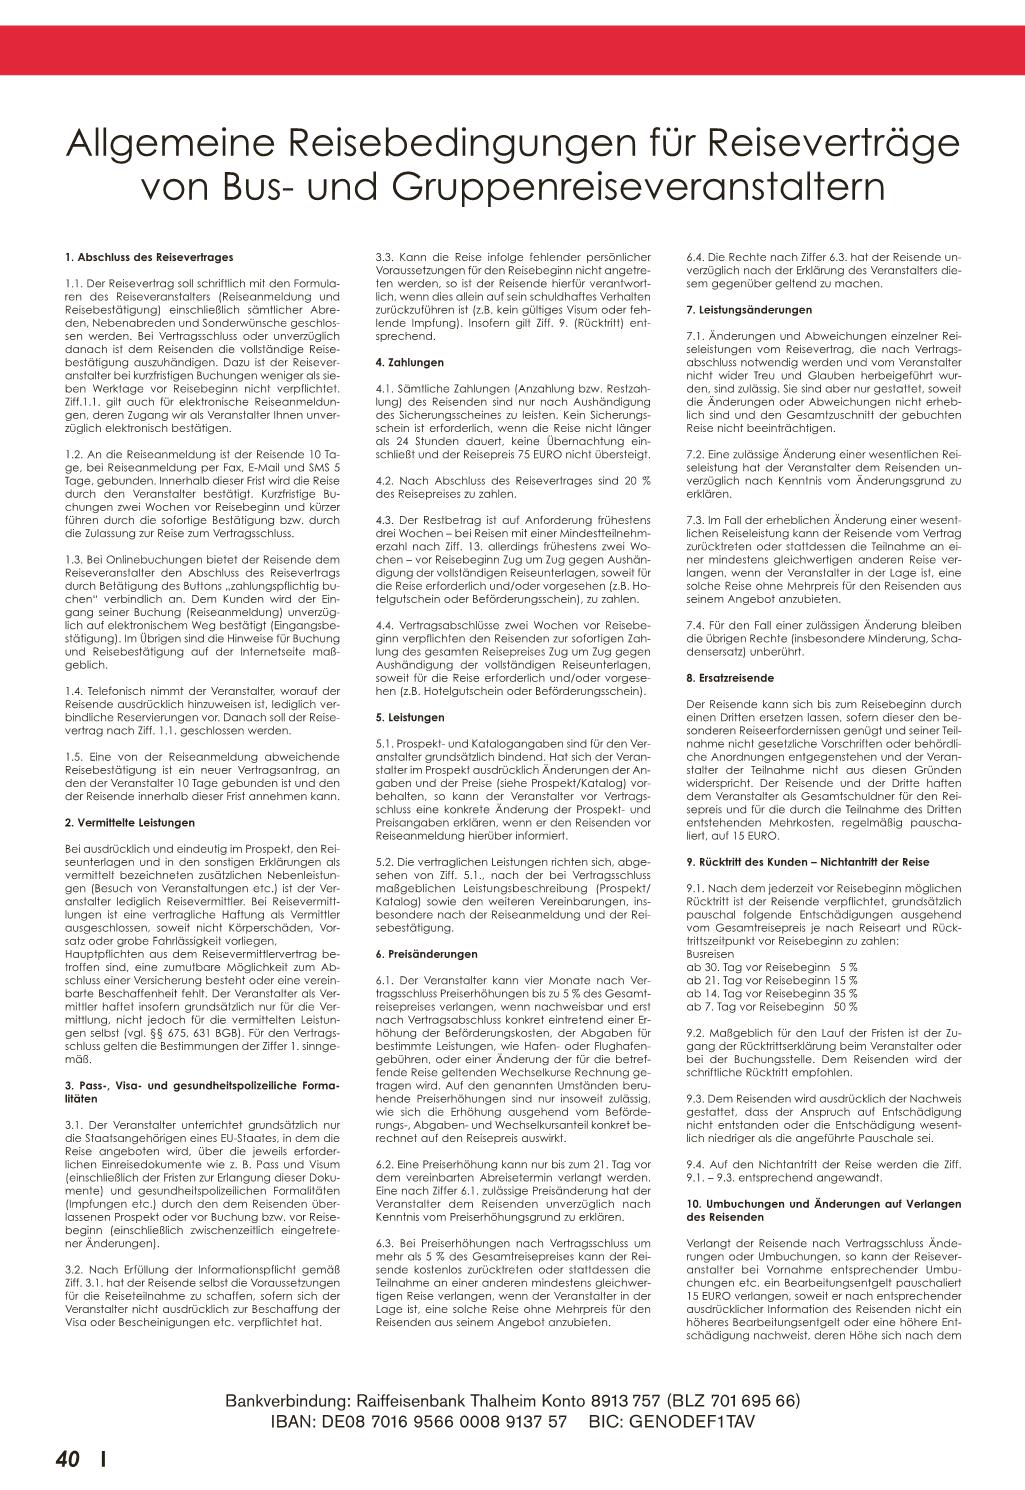 zulassung i und ii